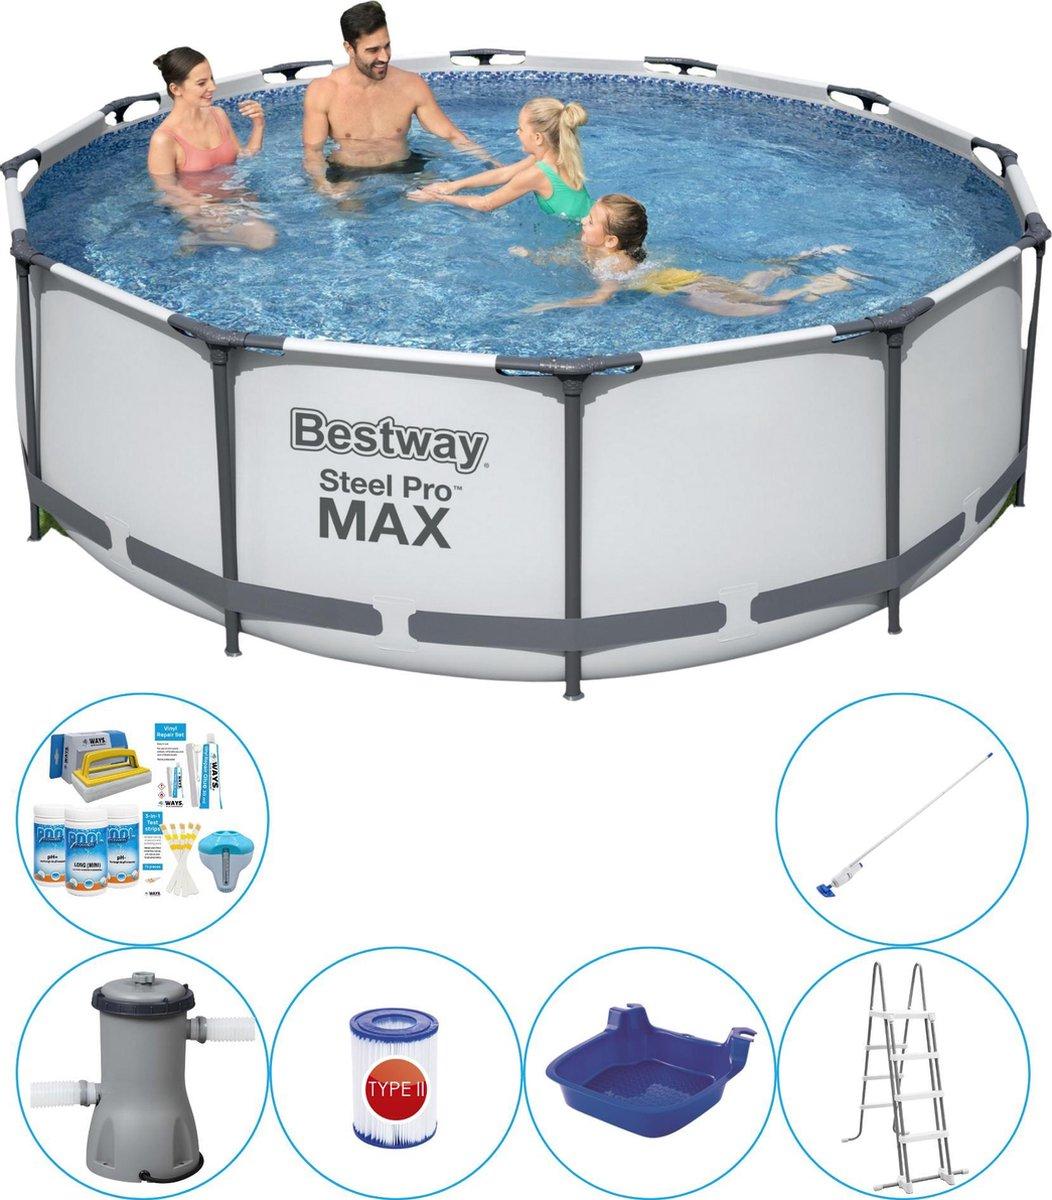 Bestway Steel Pro MAX Rond 366x100 cm - 7-delig - Zwembad Combinatie Deal